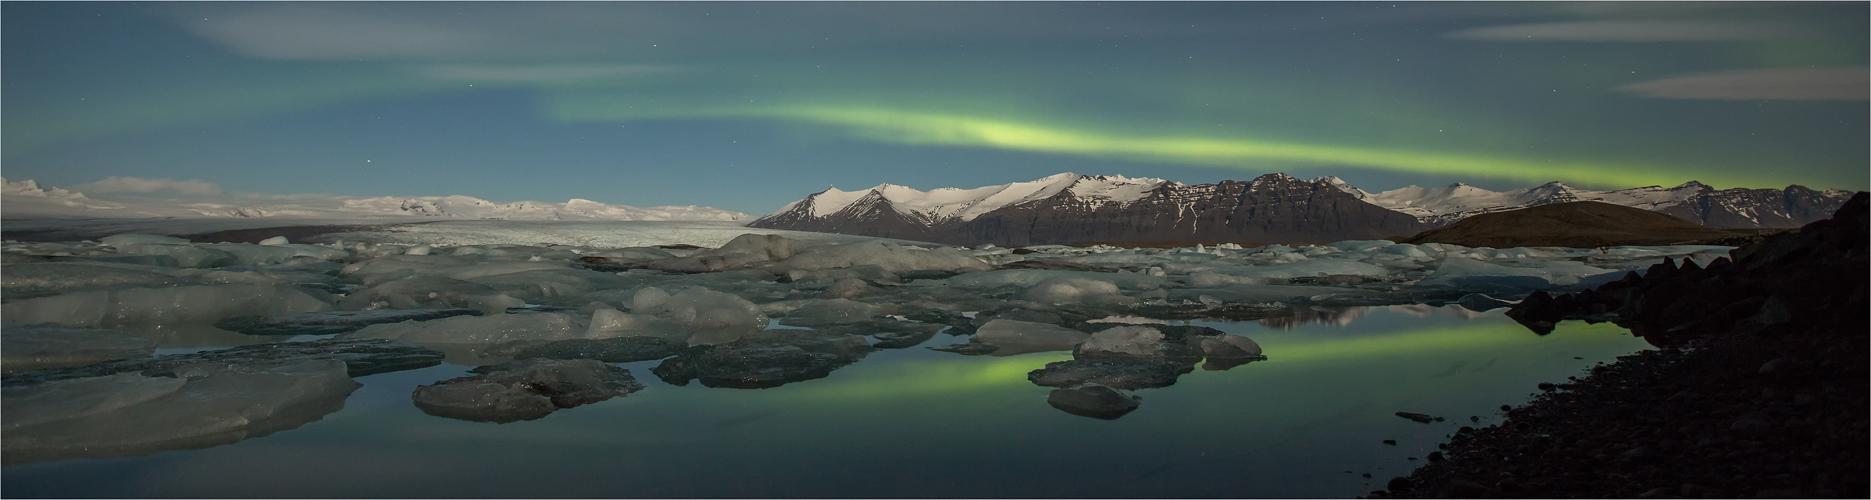 Spiegelung im Gletschersee